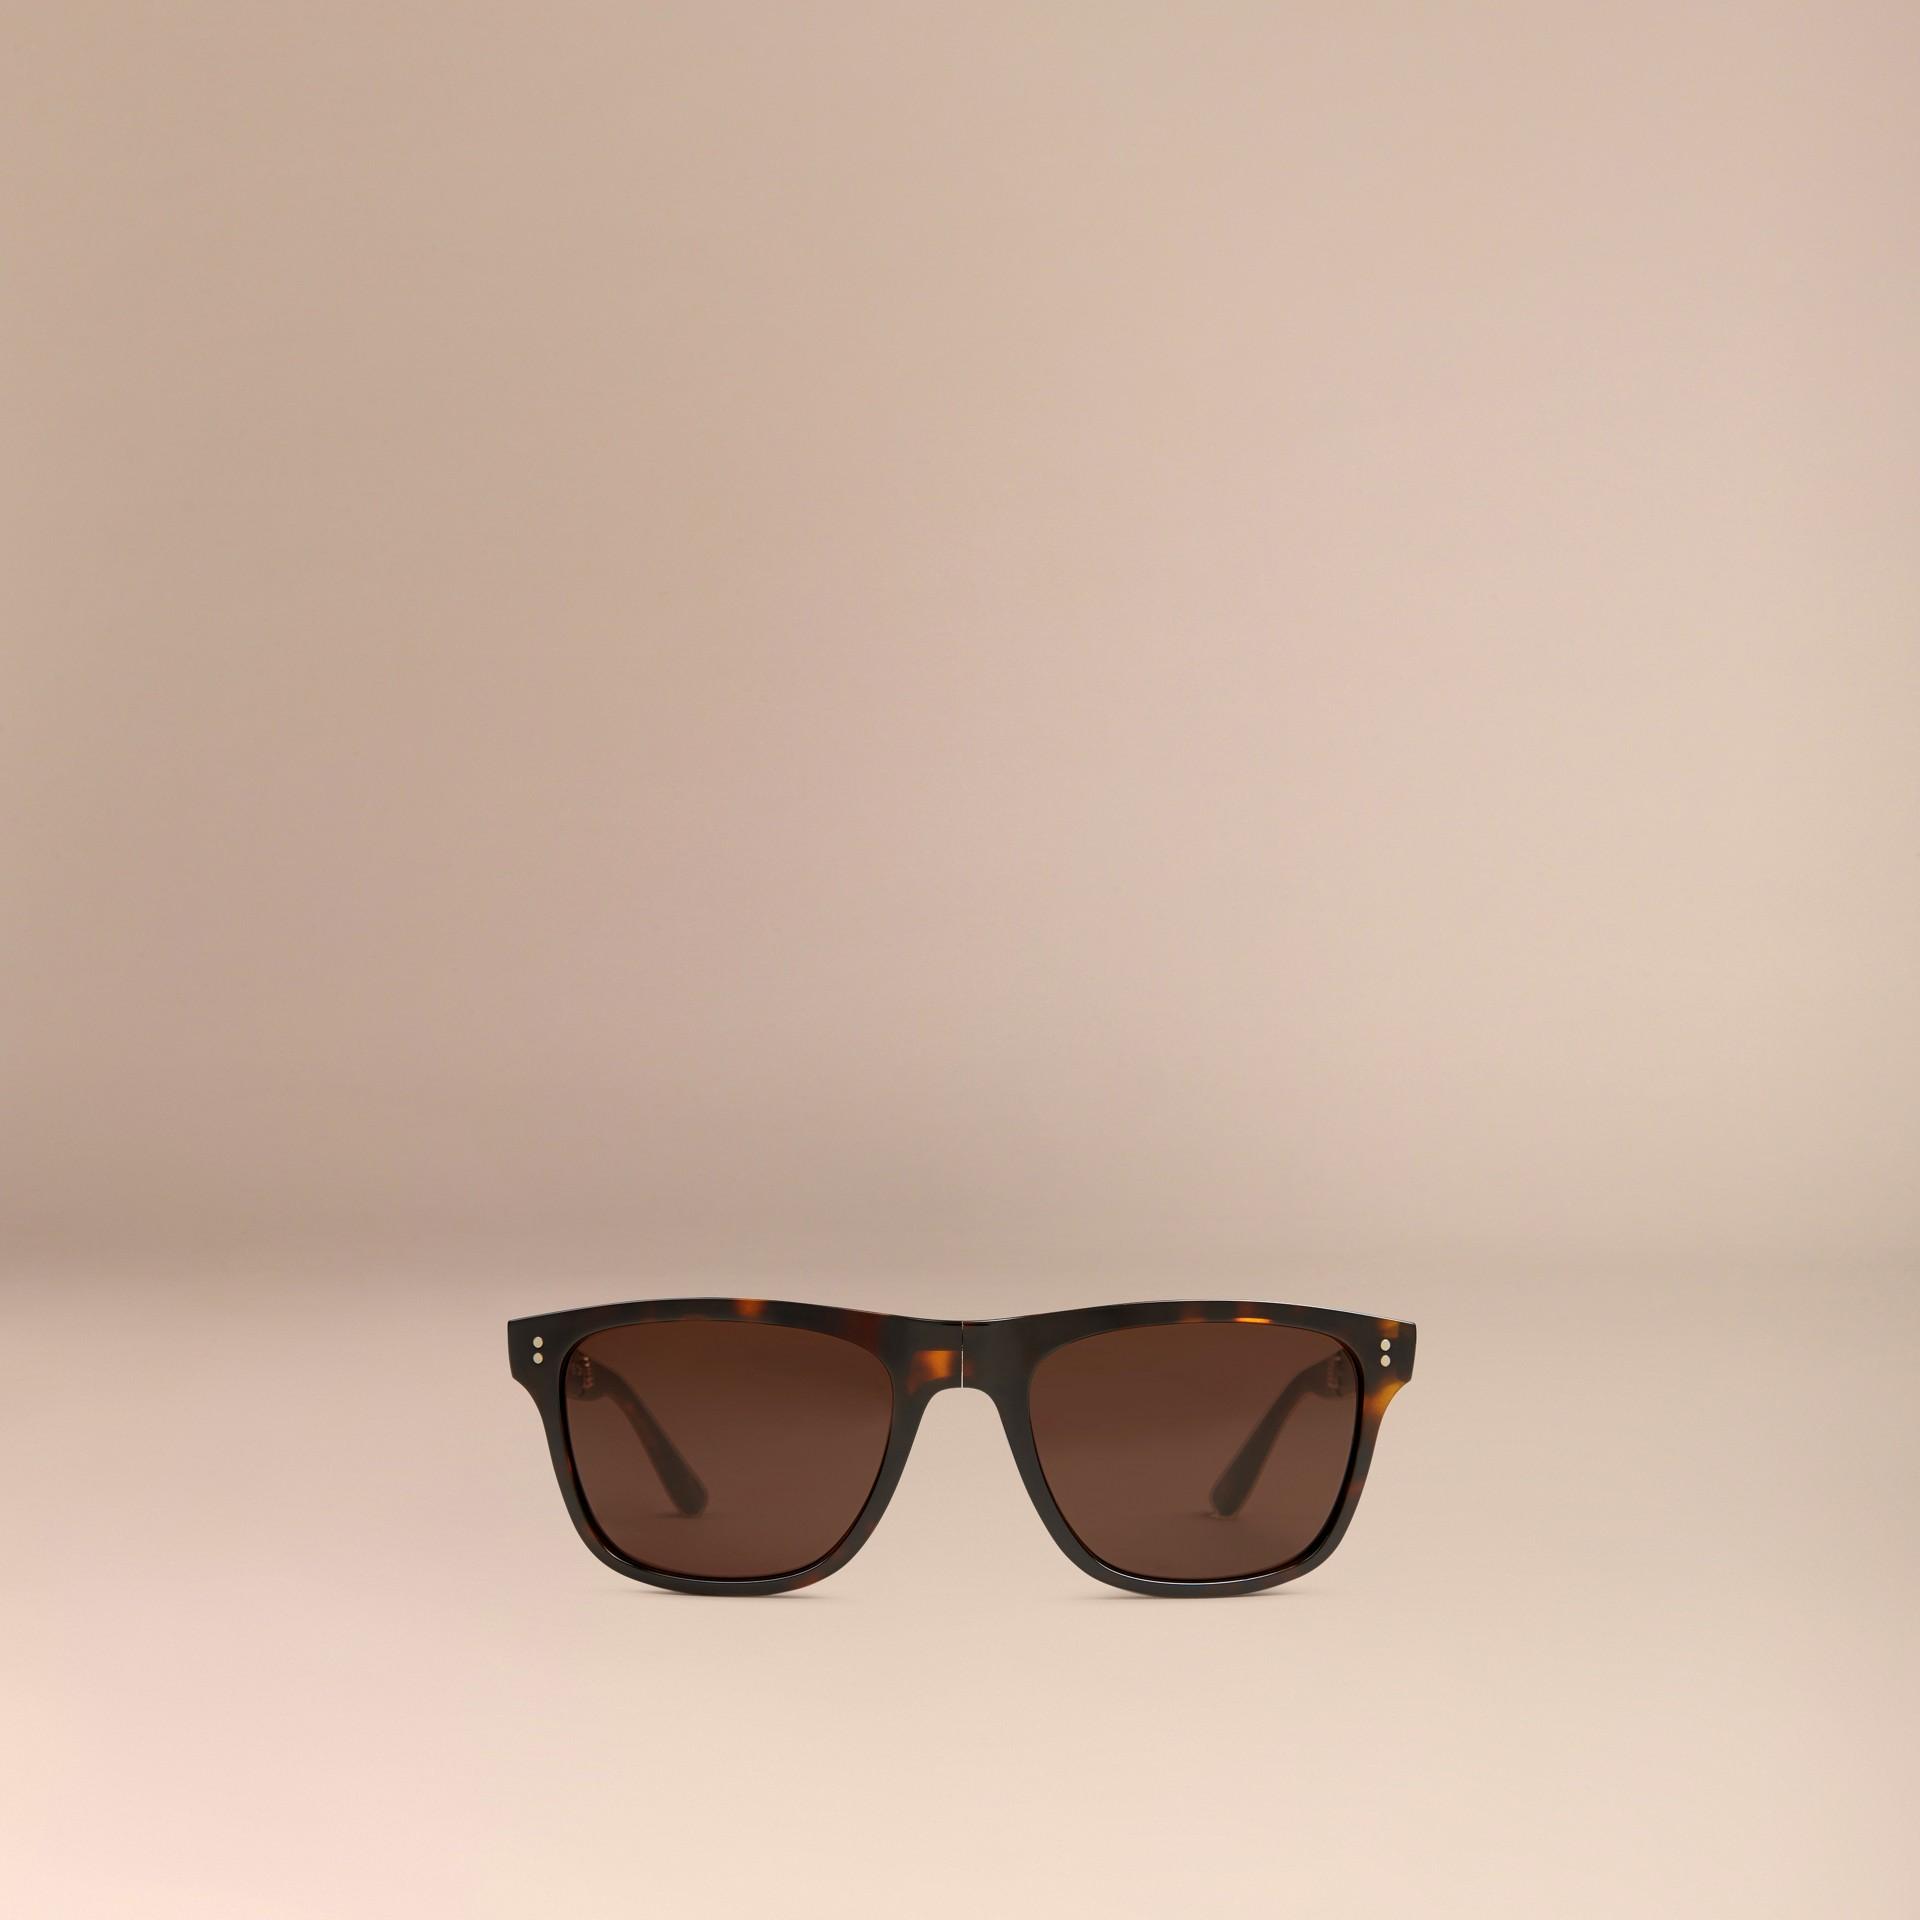 Marrone scuro Occhiali da sole con montatura rettangolare pieghevole Marrone Scuro - immagine della galleria 3